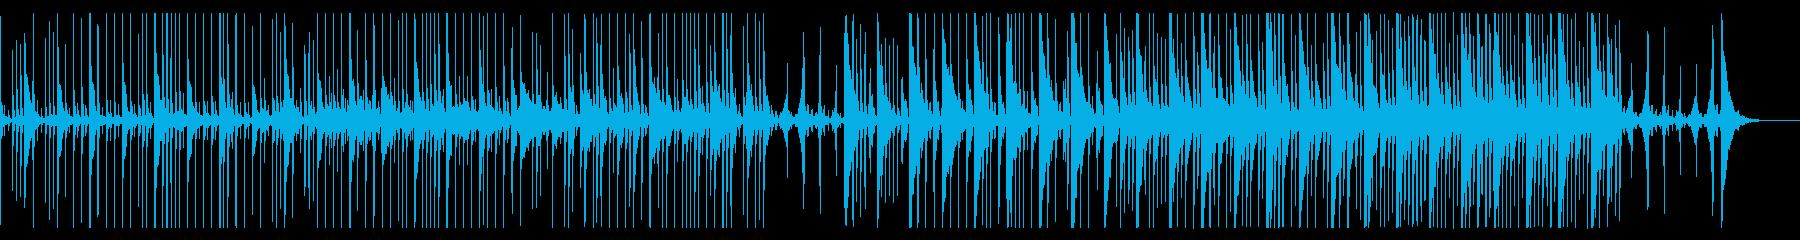 子供のおままごとのようなトイミュージックの再生済みの波形